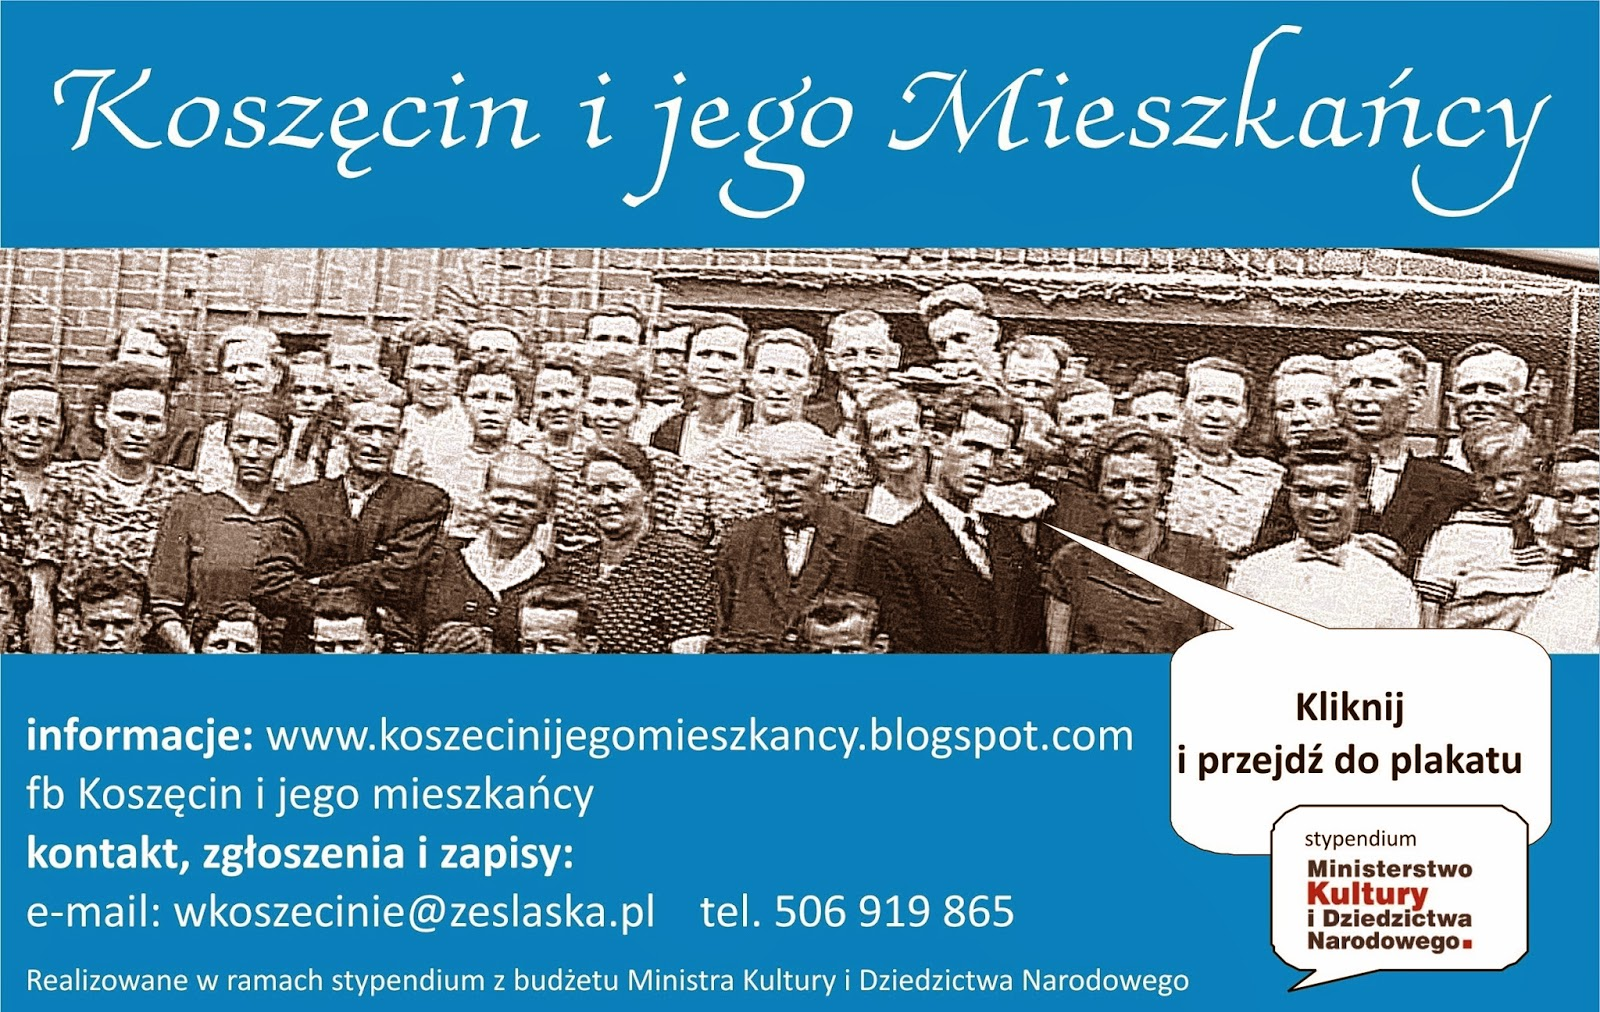 afisz zapraszajacy do udziału w projekcie